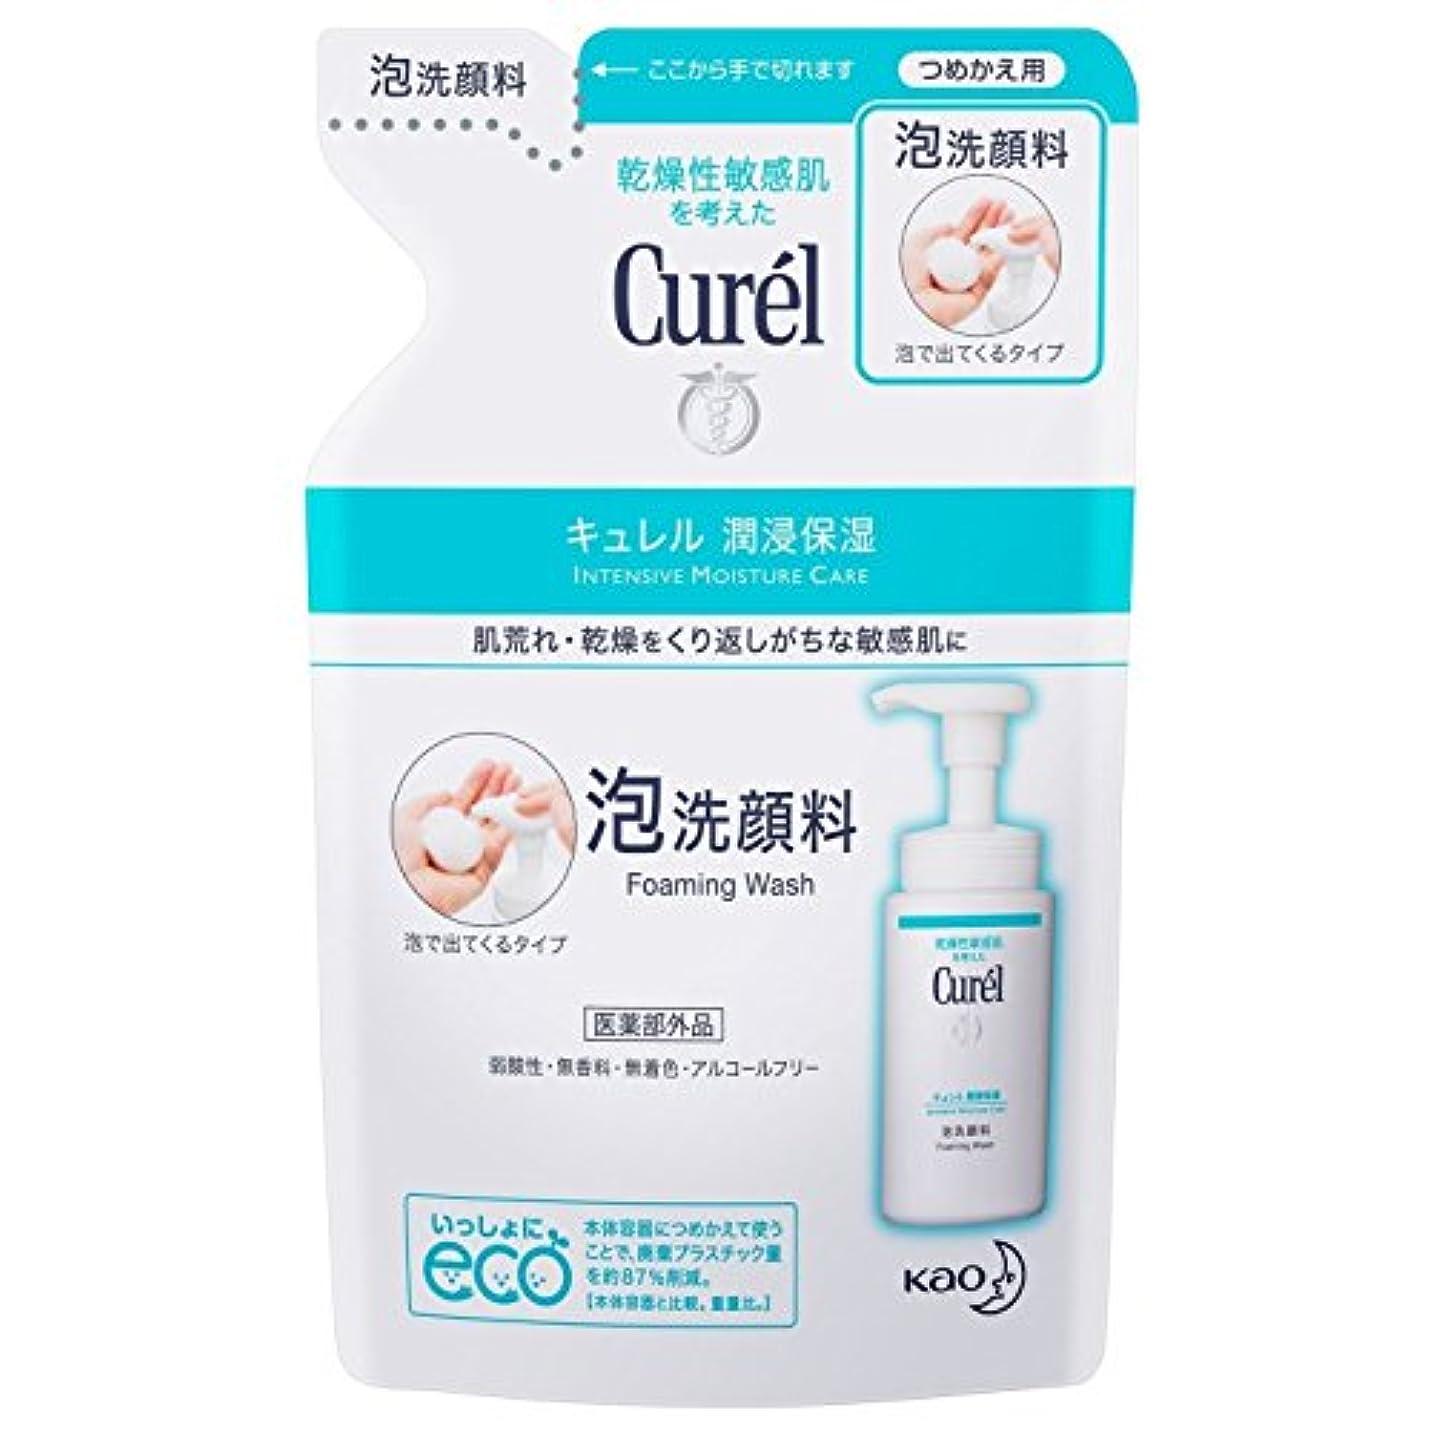 サーマルカーテン慈悲【花王】Curel(キュレル) 泡洗顔料 つめかえ用 130ml ×5個セット